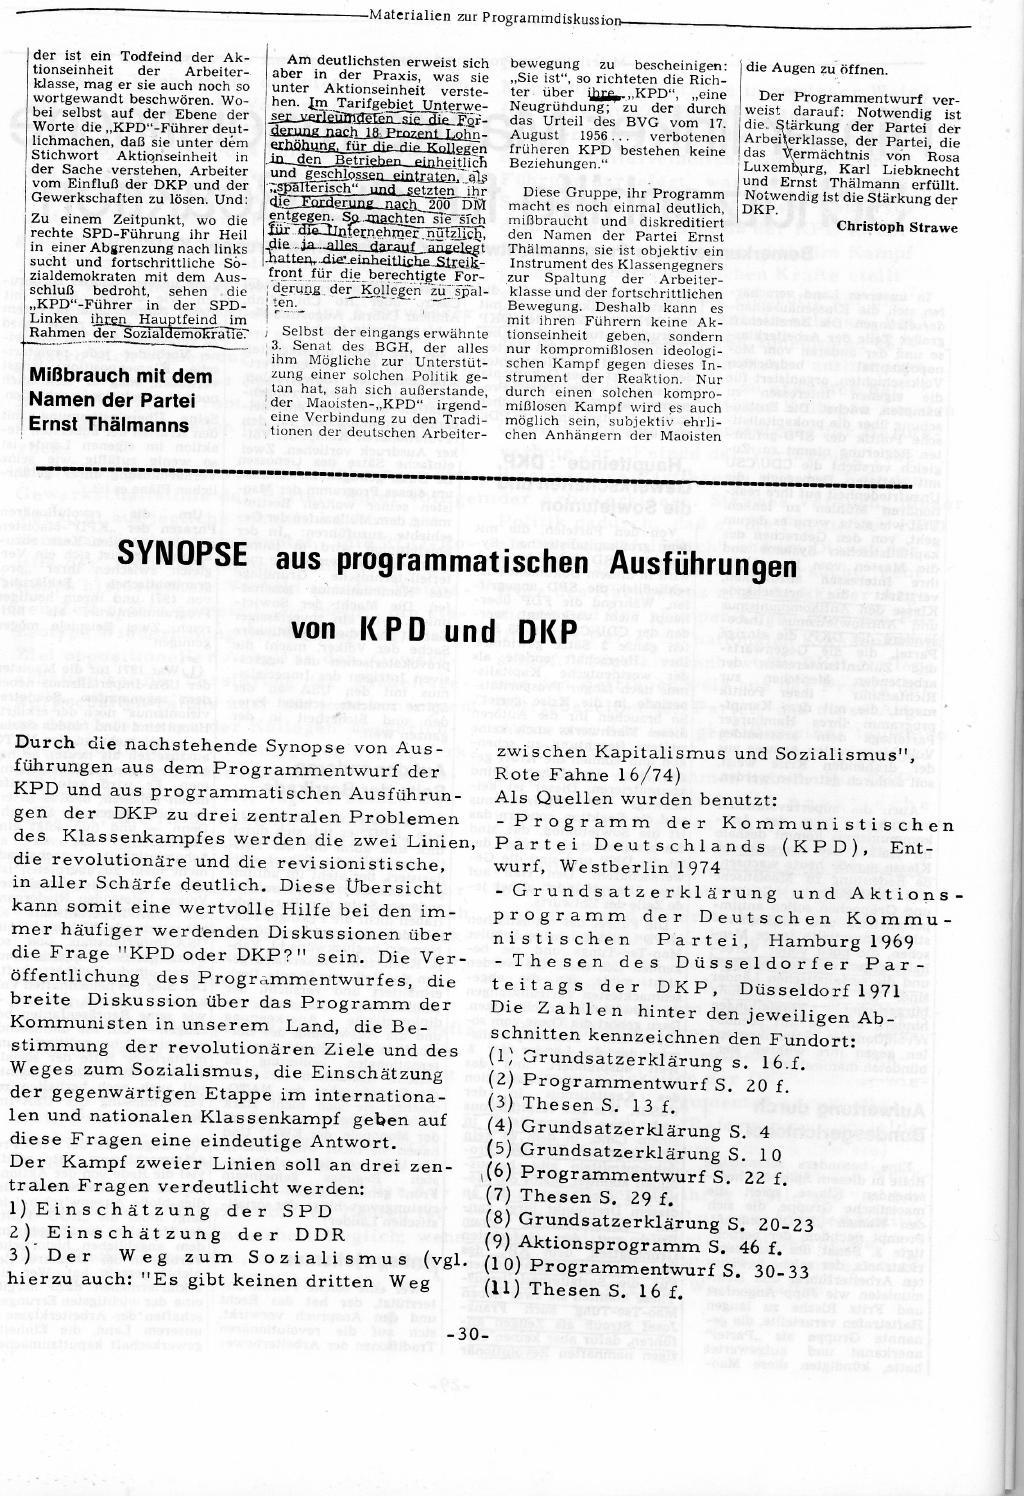 RPK_1974_16_17_30